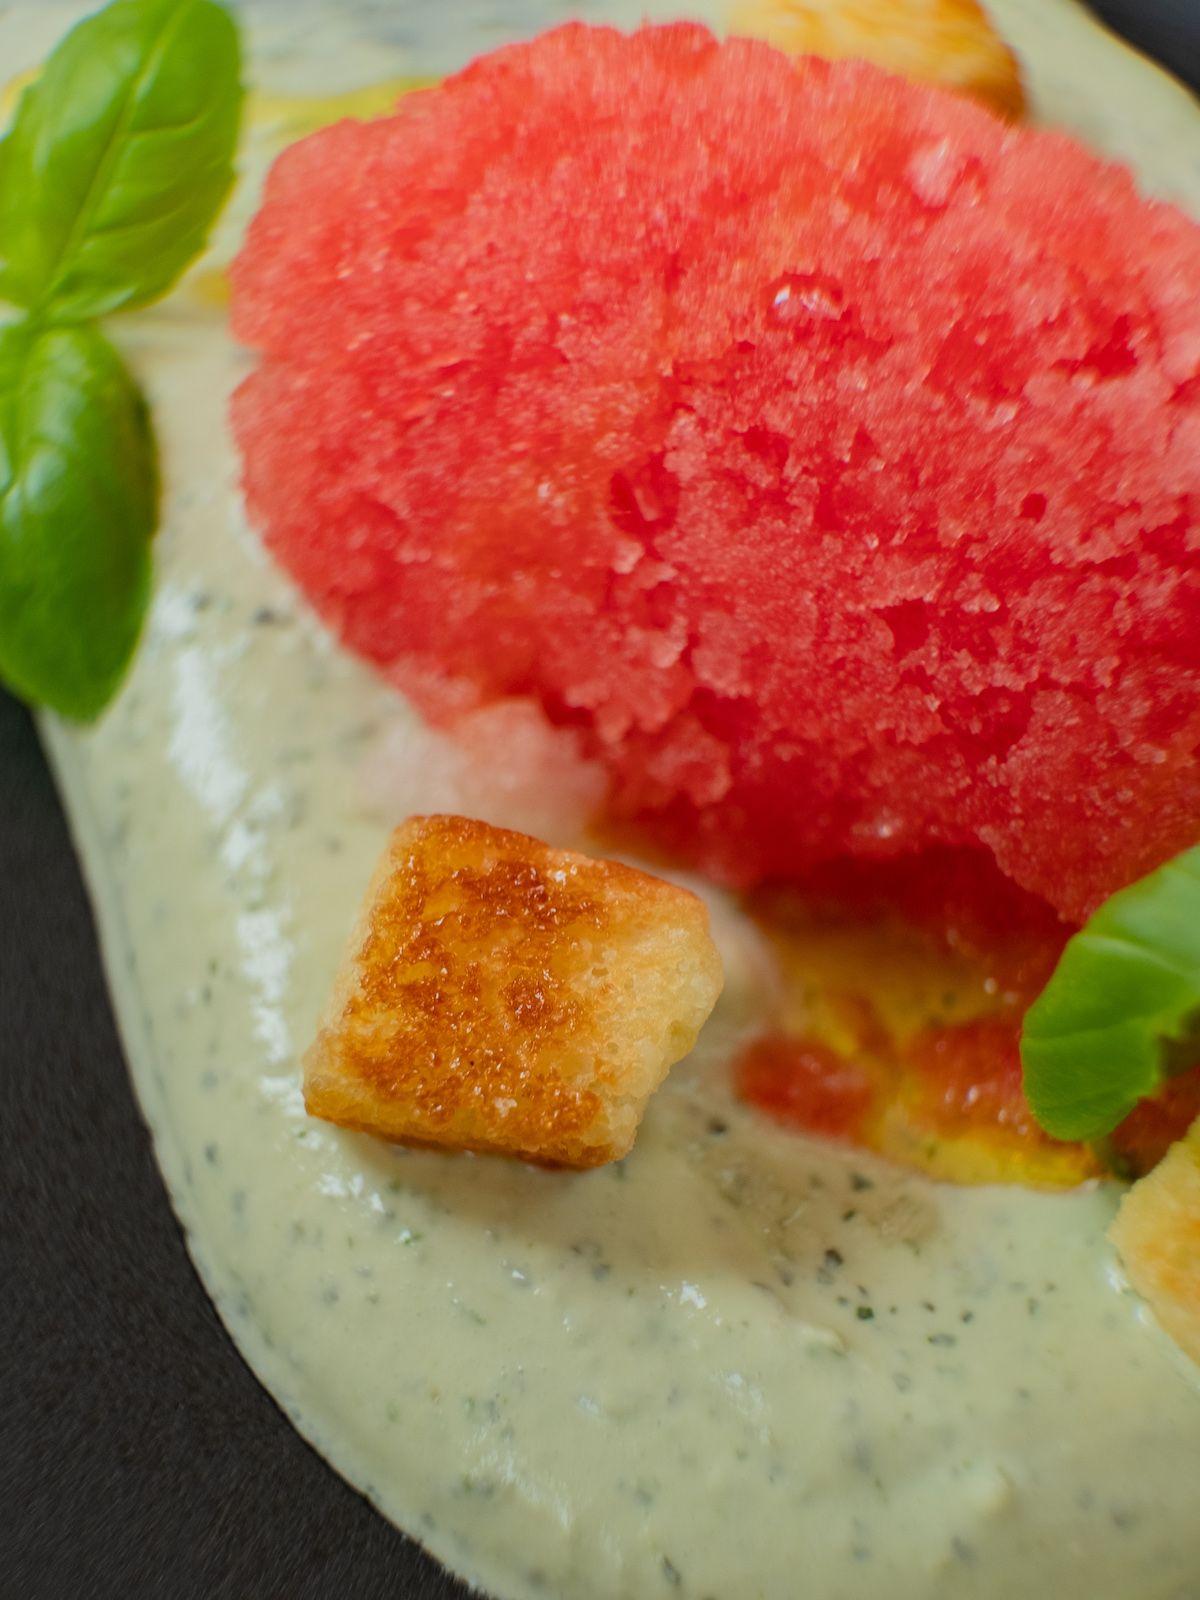 Foodblog, Rezept, Wassermelonengranita auf Basilikum-Minz-Schmand und Brioche-Croutons, Eis, Dessert